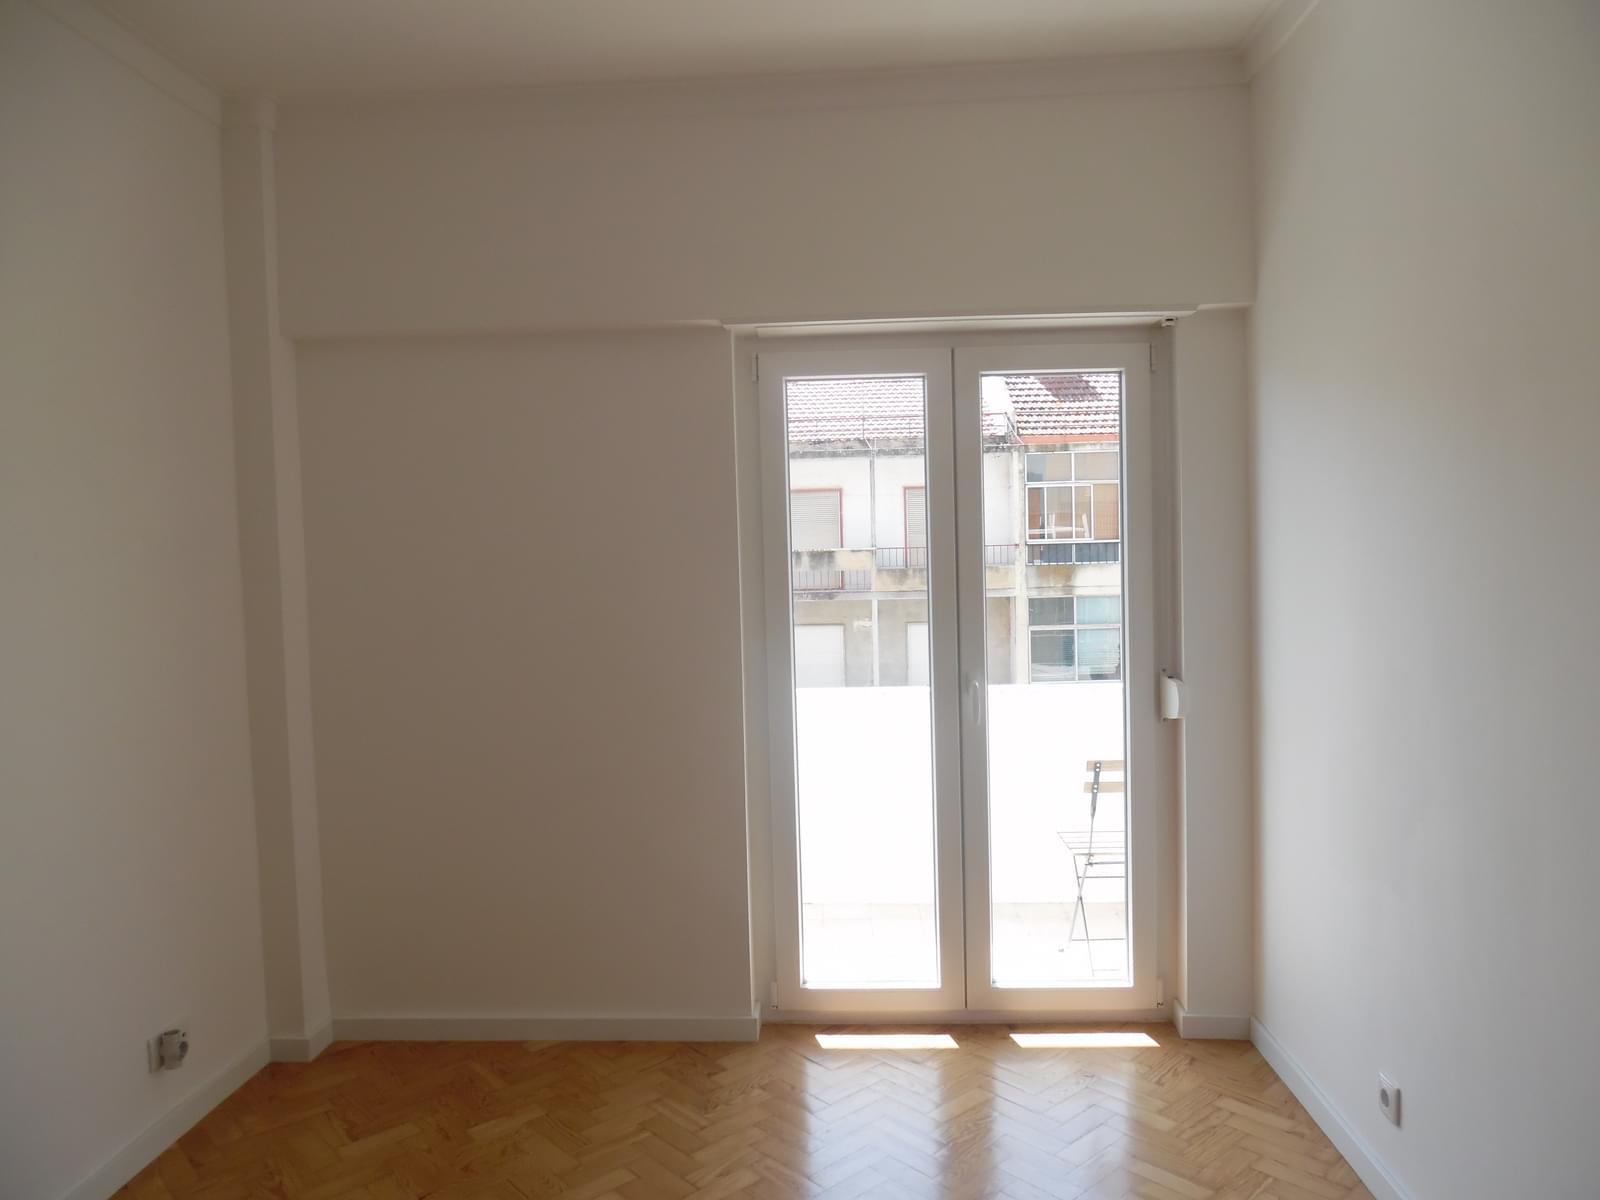 pf17256-apartamento-t2-lisboa-e4f66afe-ea8d-44d1-bb33-4716f77304d8